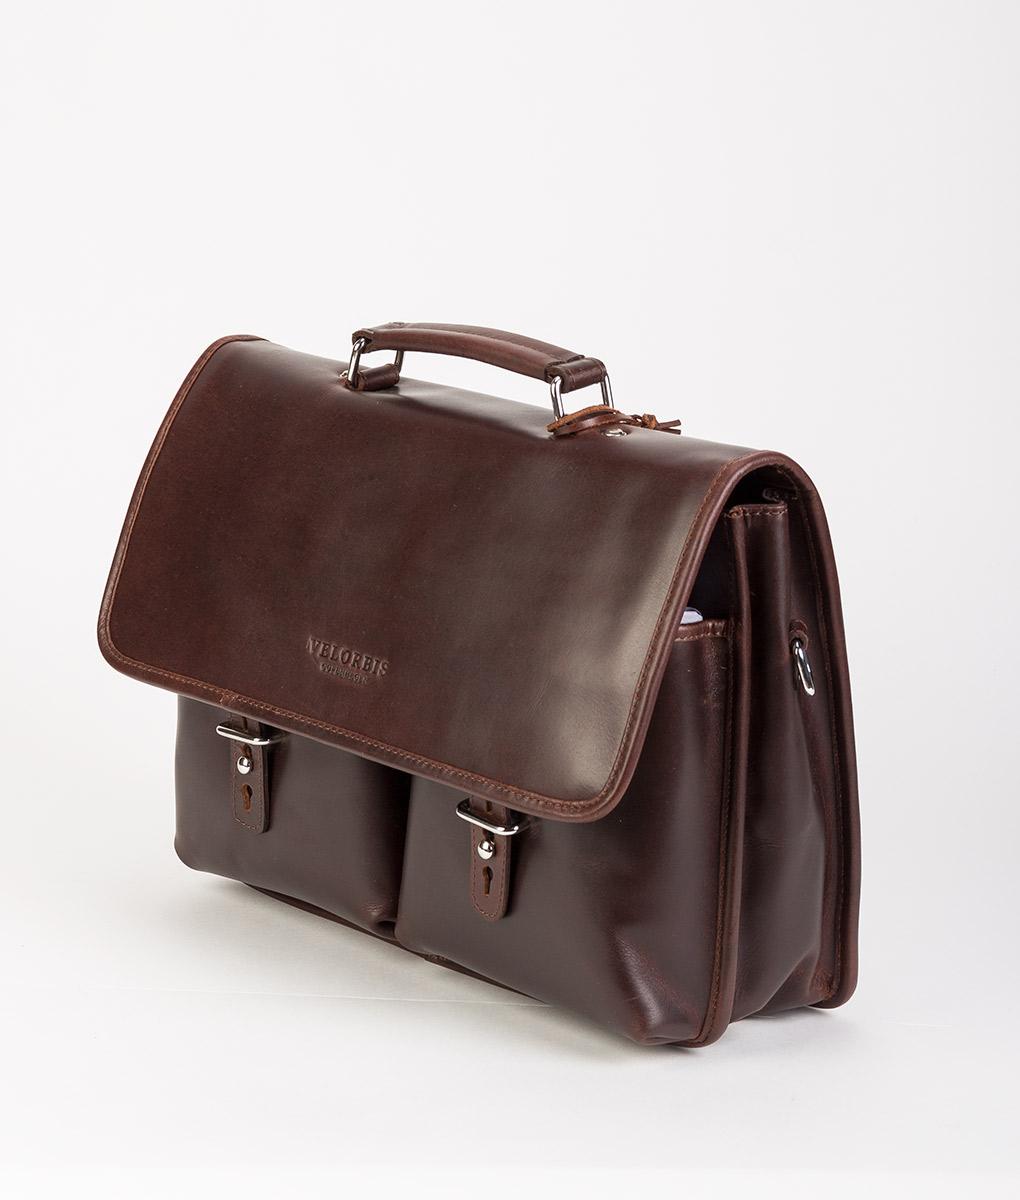 VELORBIS Men SCHOOL BAG, Chocolate Brown 335.99 1